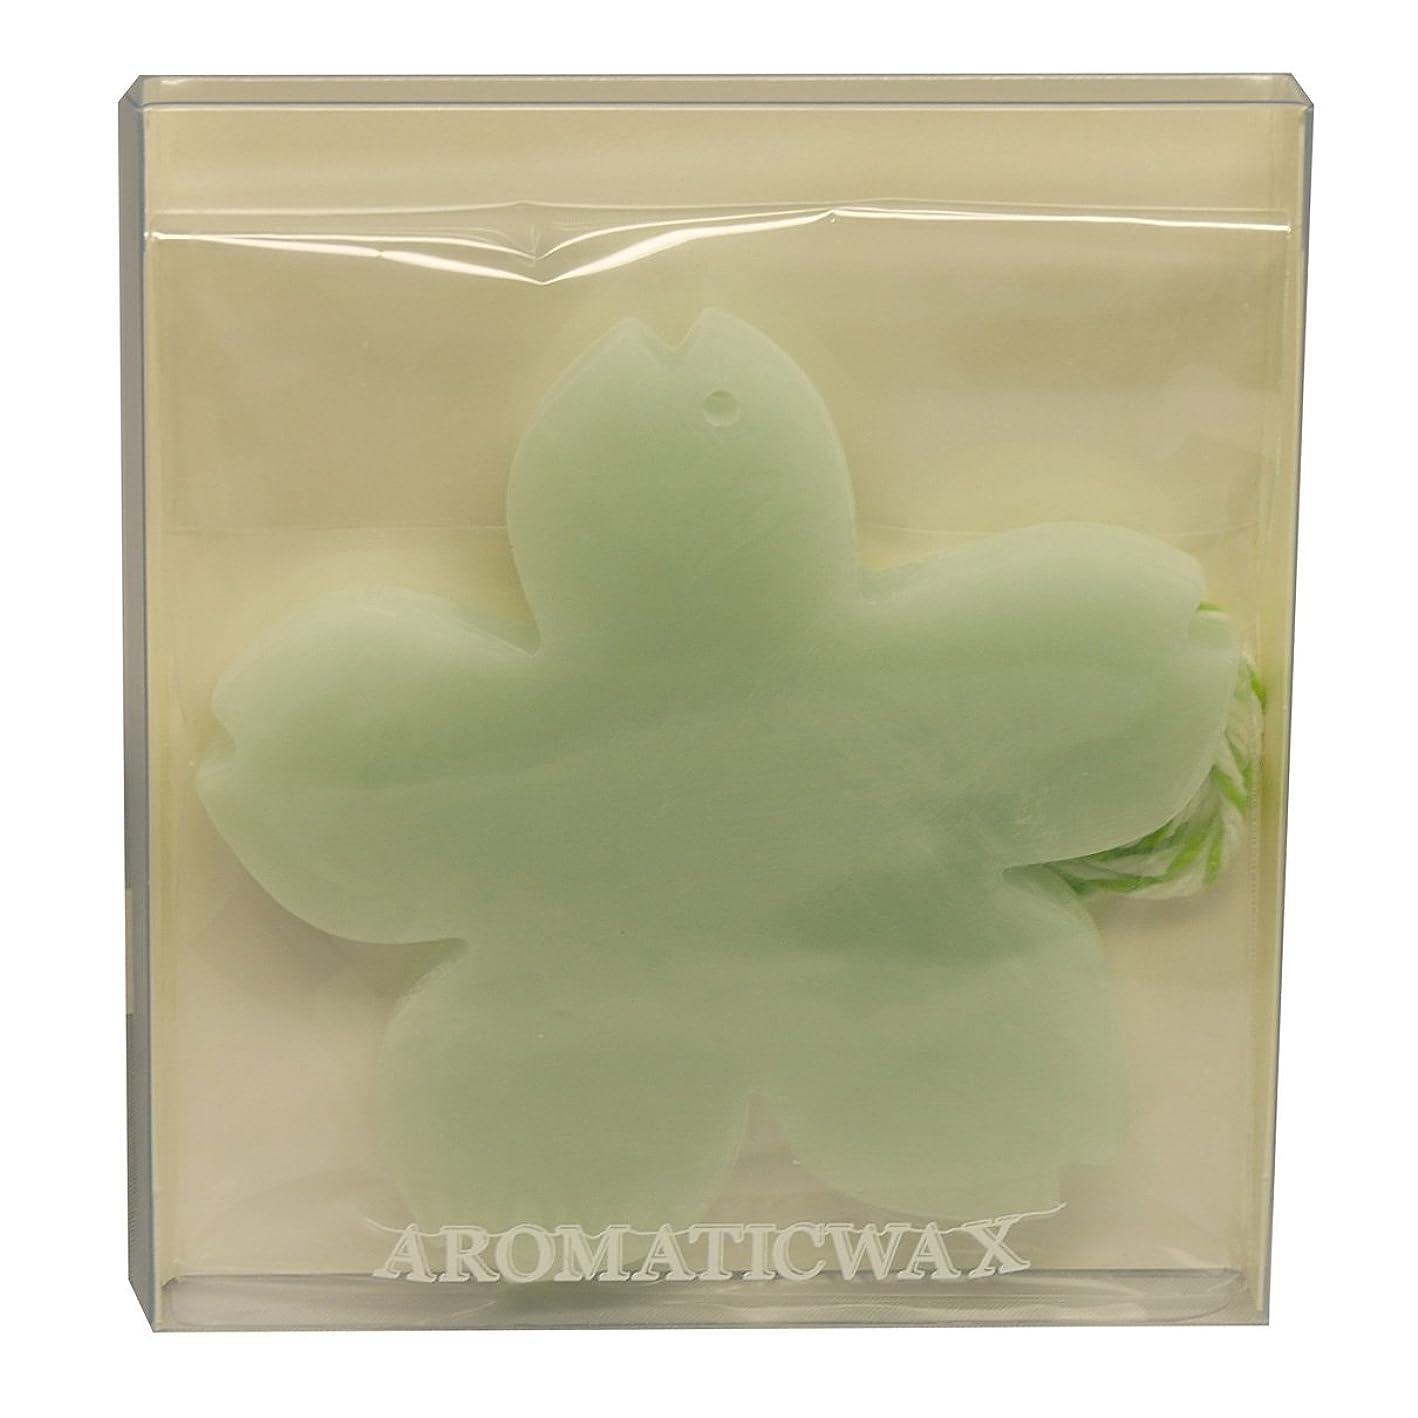 綺麗な遺伝子内向きGRASSE TOKYO AROMATICWAXチャーム「さくら」(GR) レモングラス アロマティックワックス グラーストウキョウ